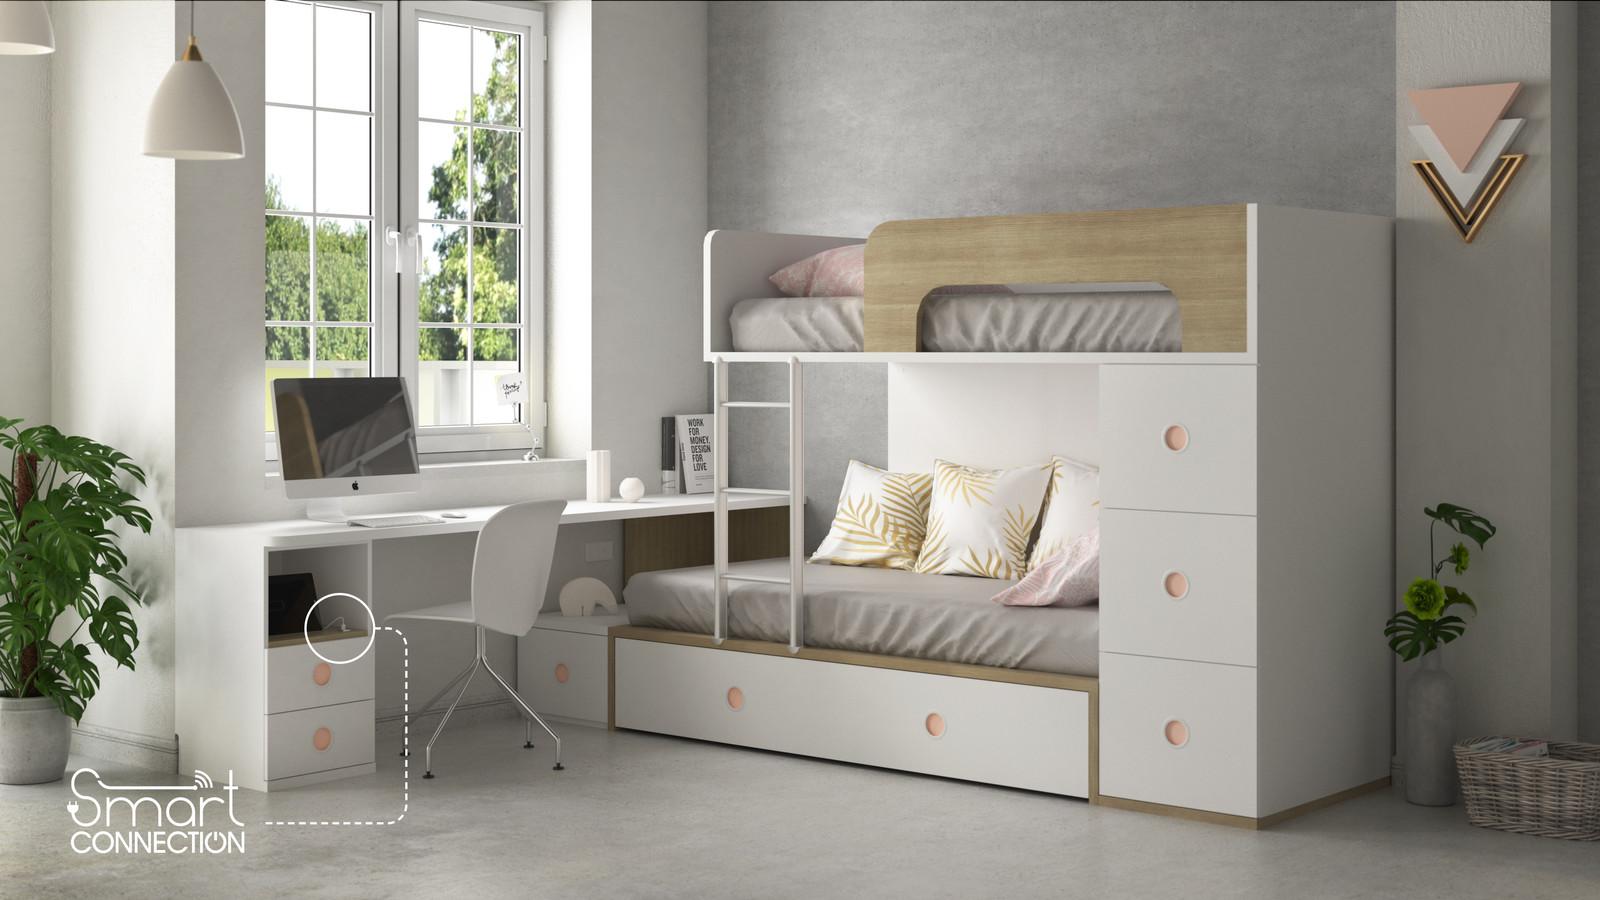 Lits gain de place pour enfant et meubles sur mesure lits superpos s ih195 - Lits superposes sur mesure ...